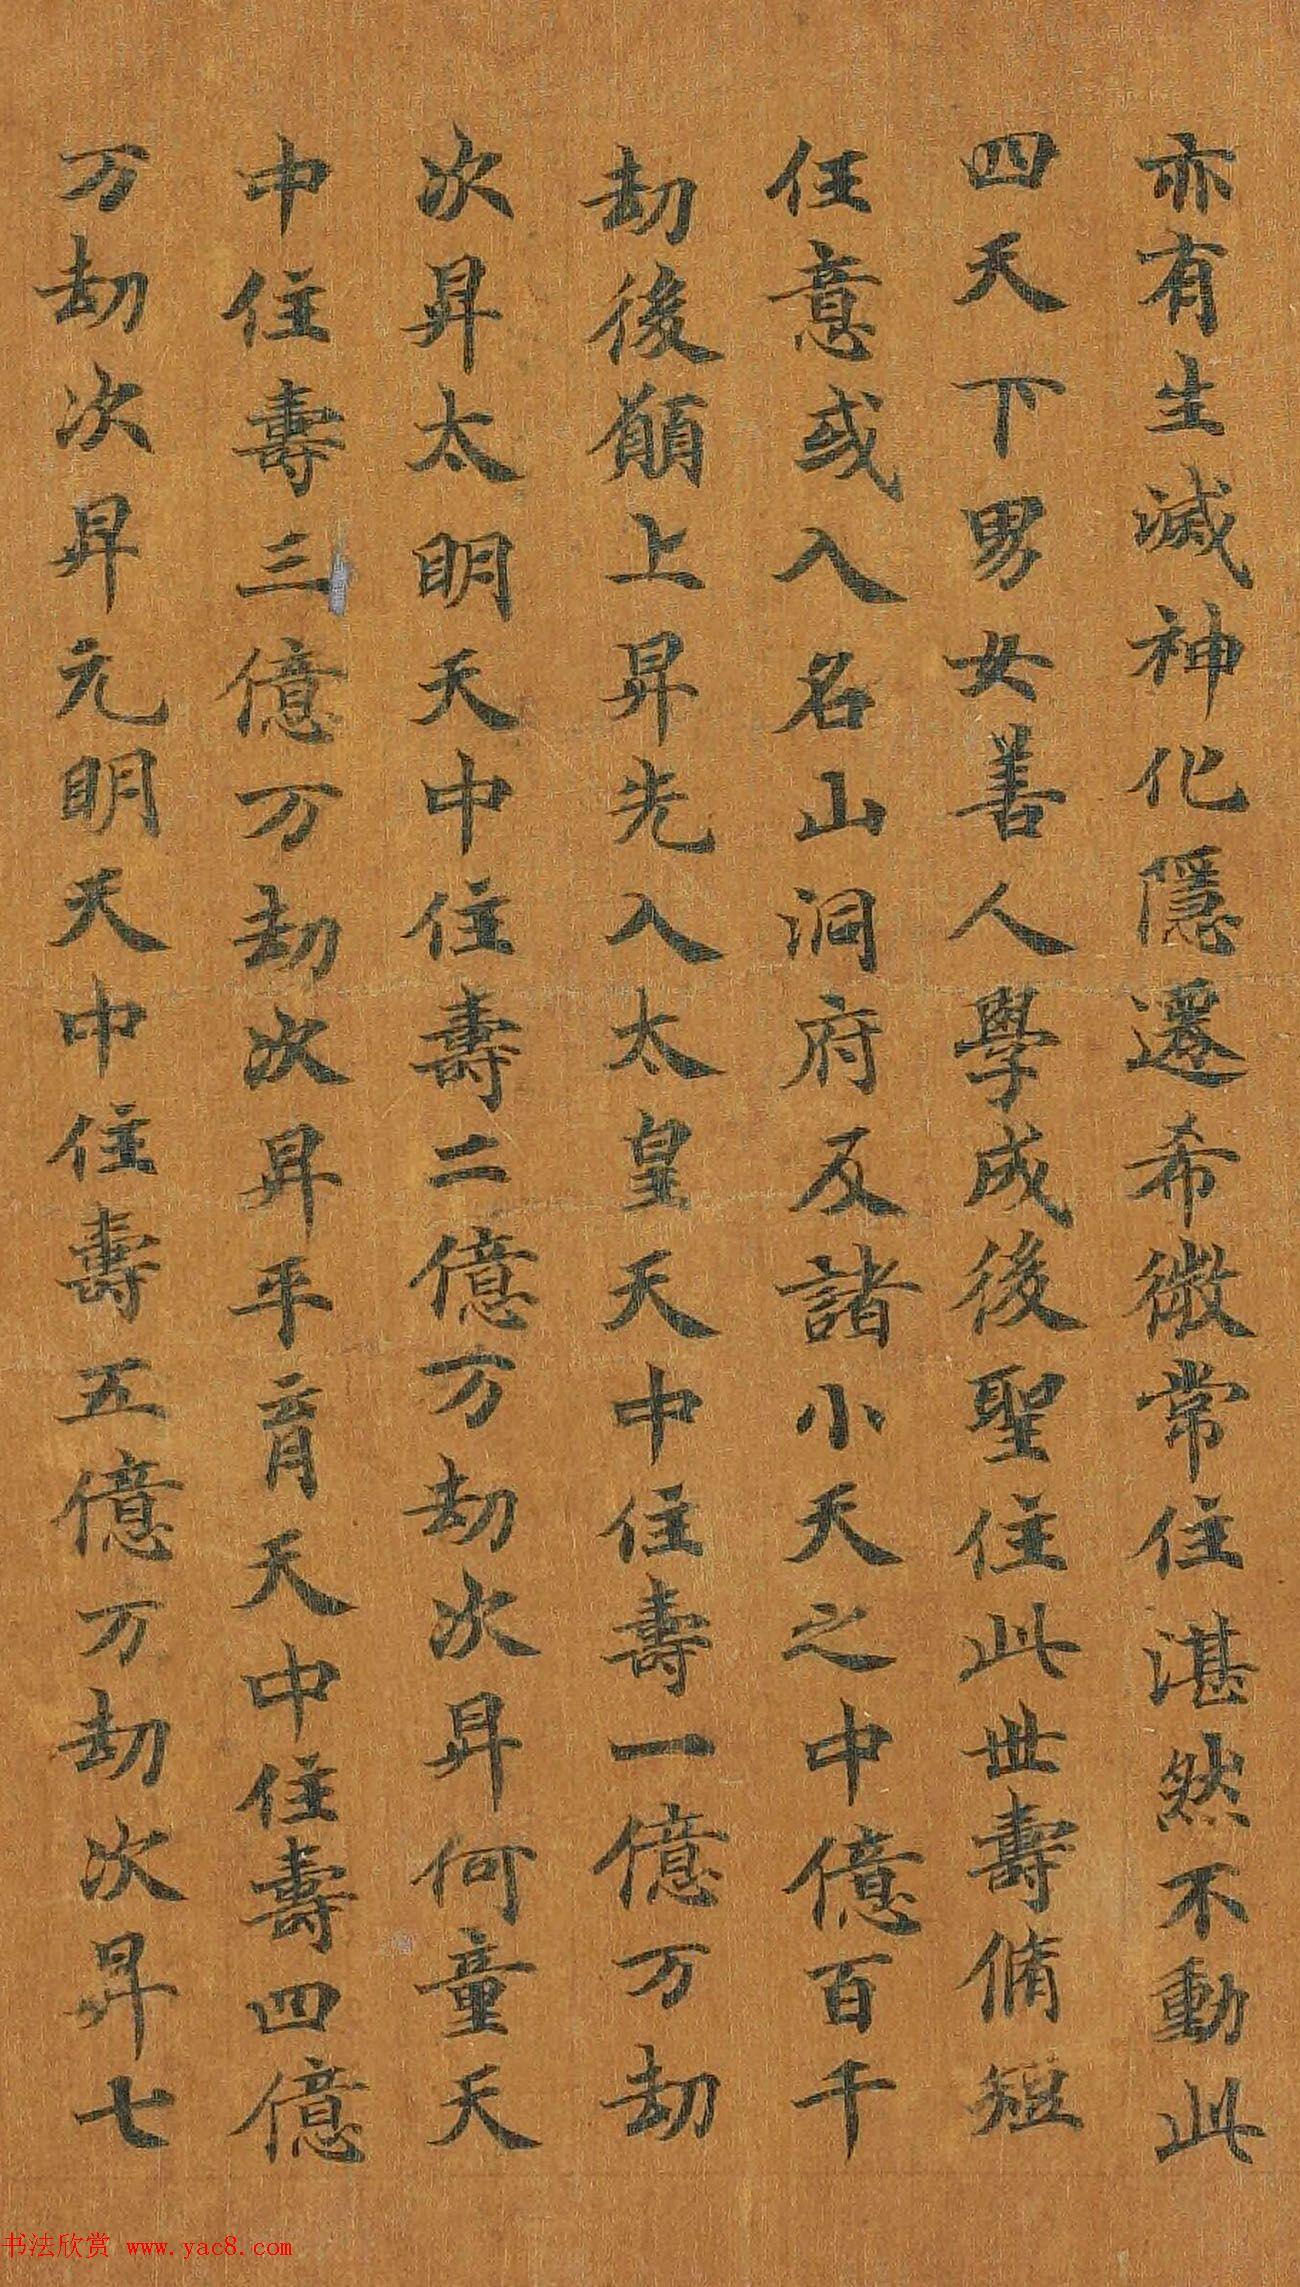 敦煌写经楷书手稿《太上大道玉清经卷》